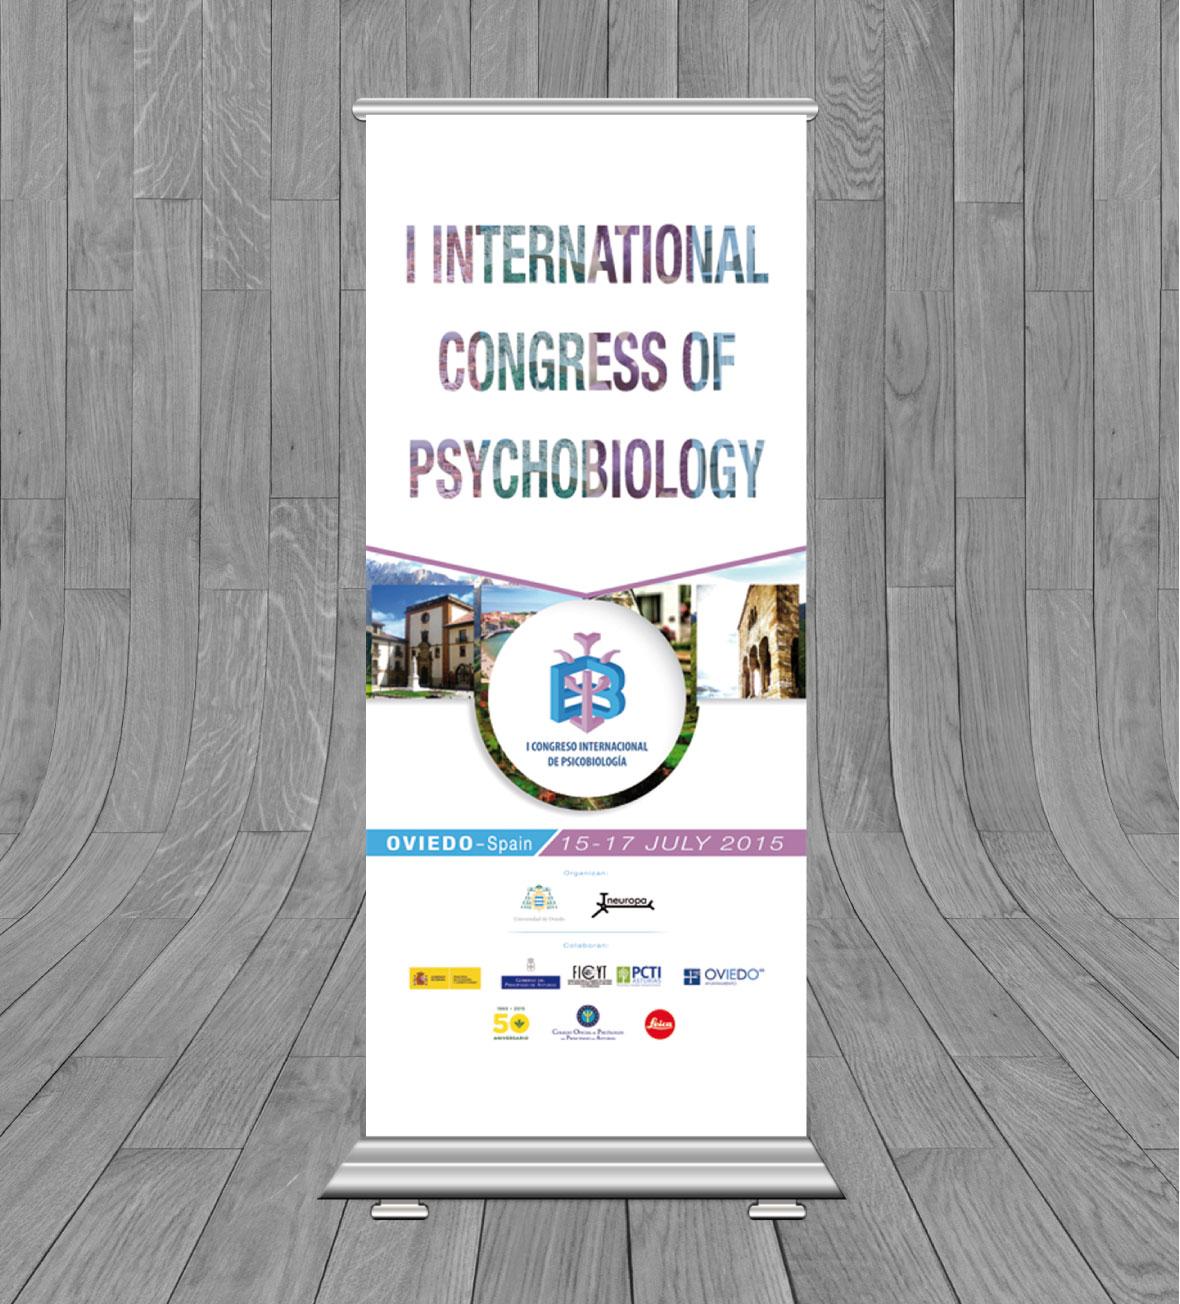 psicobiologia_rollup